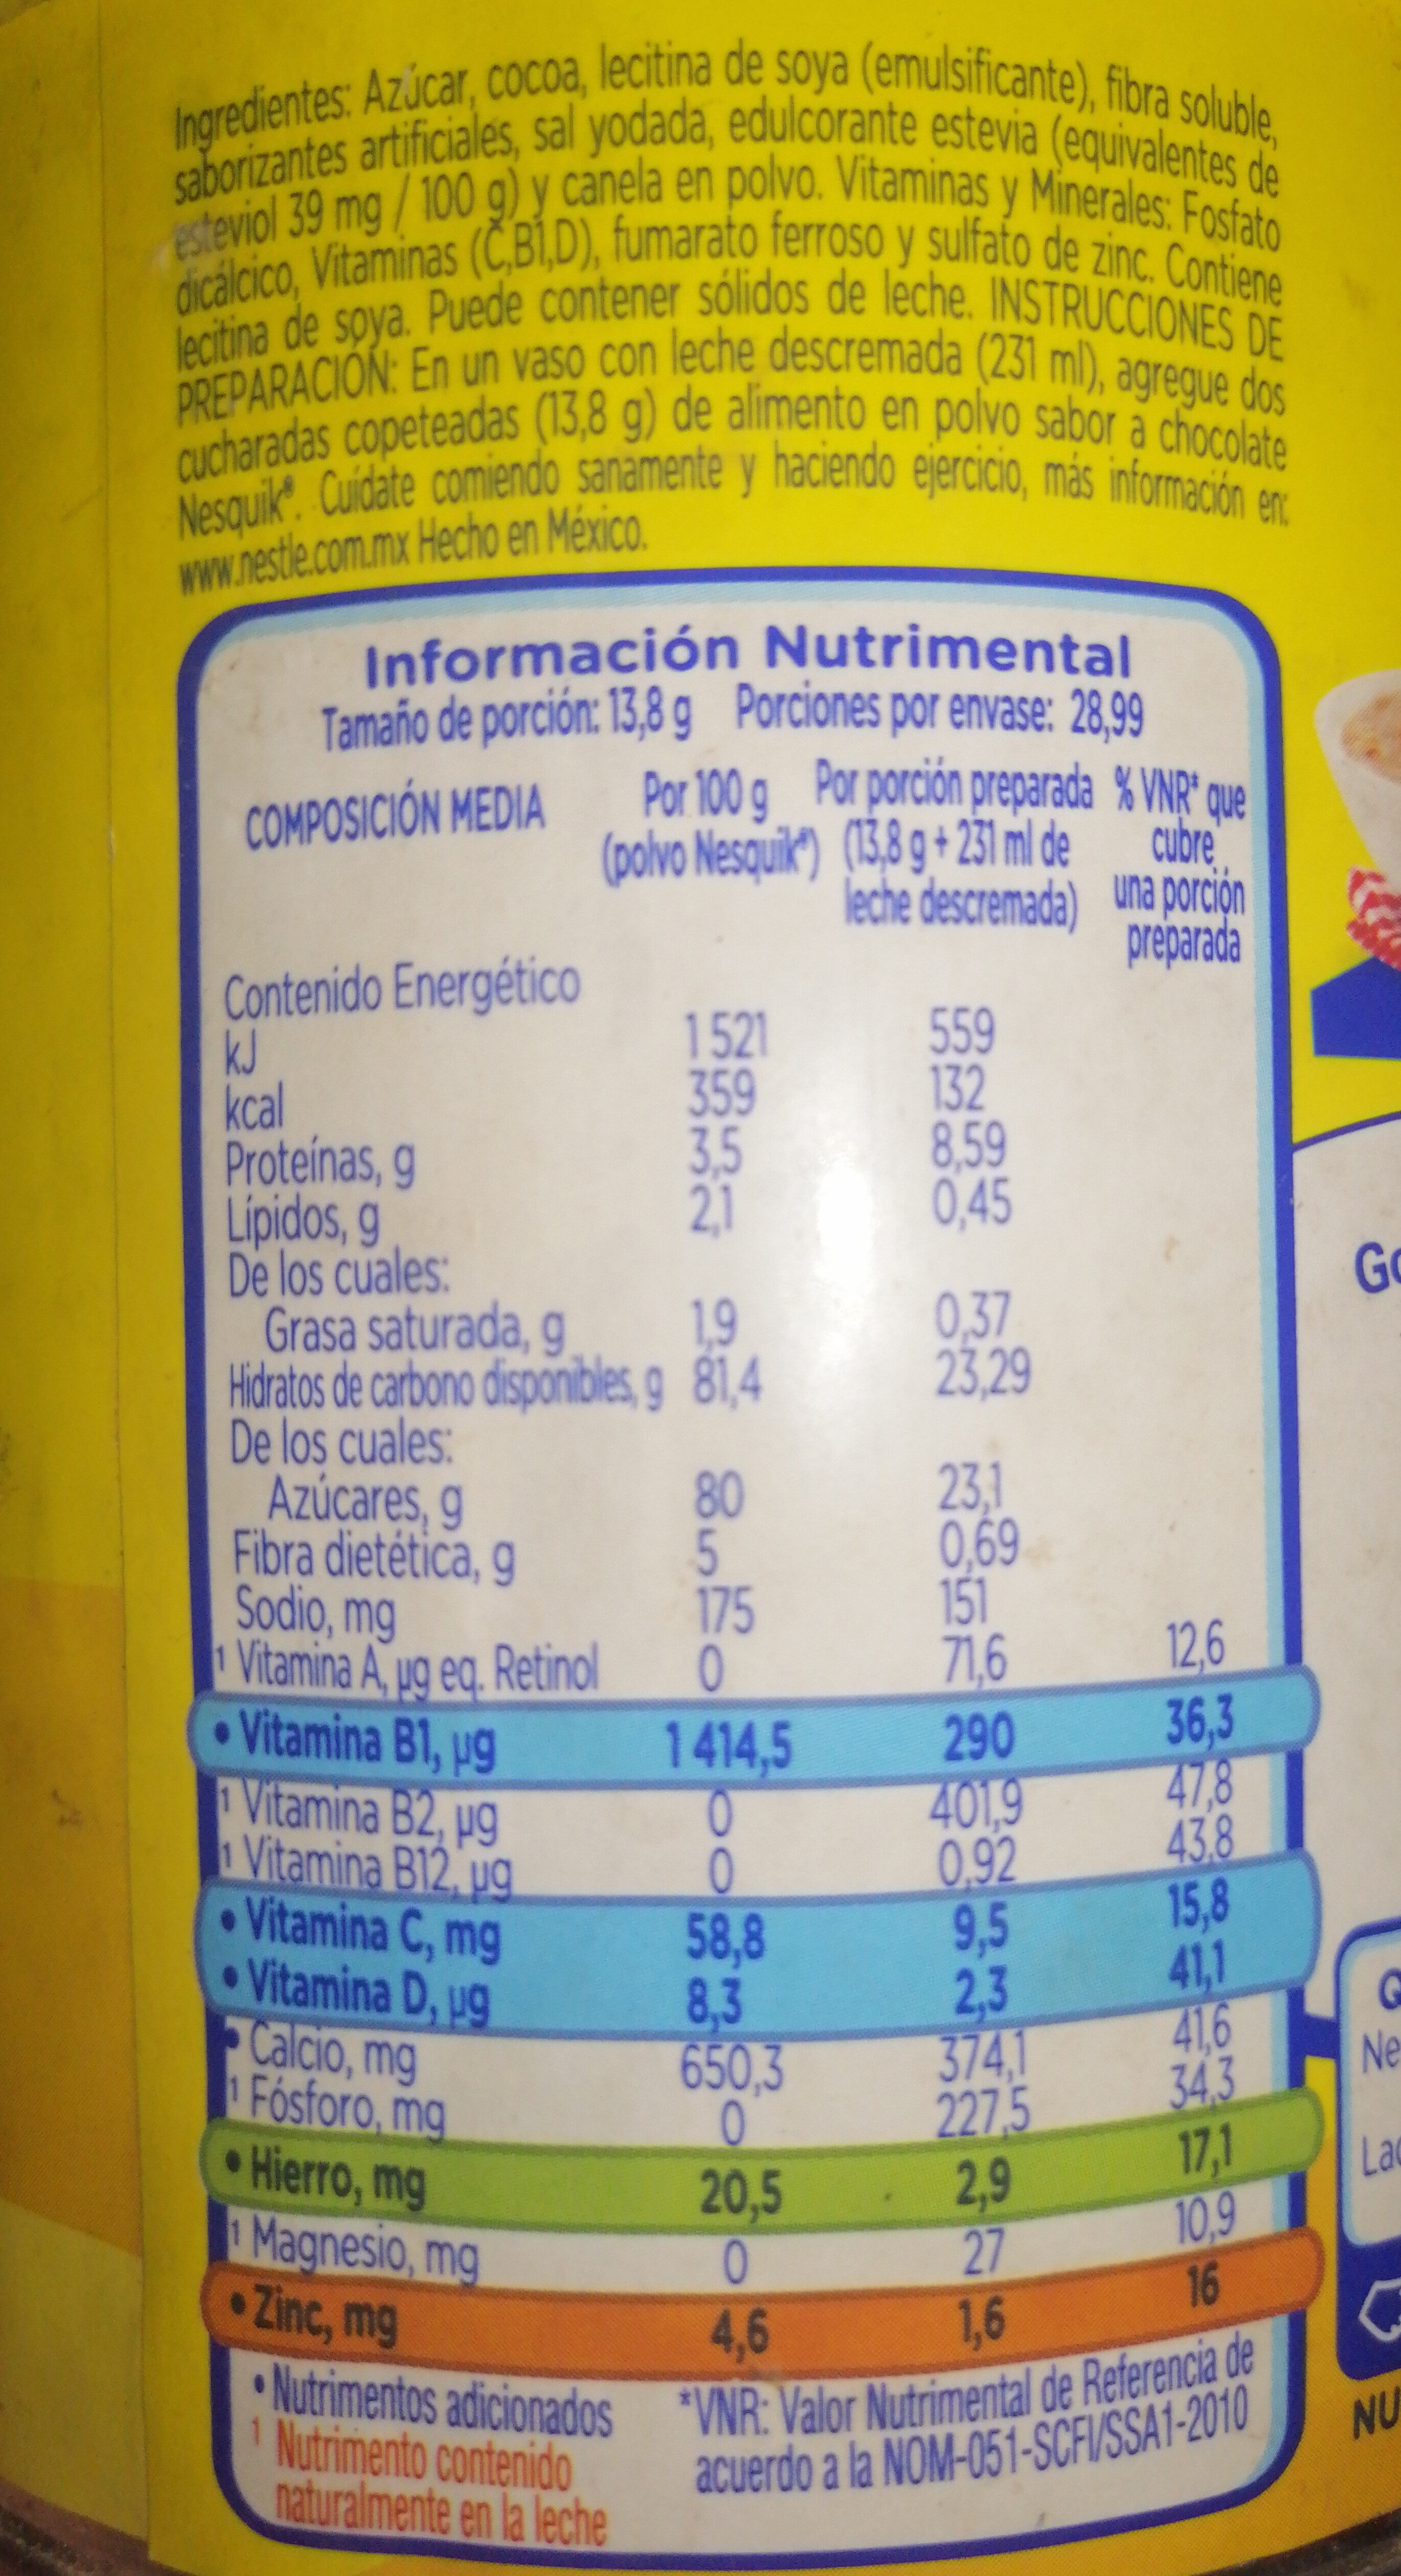 Alimento en polvo para preparar bebida sabor a chocolate - Ingredients - es